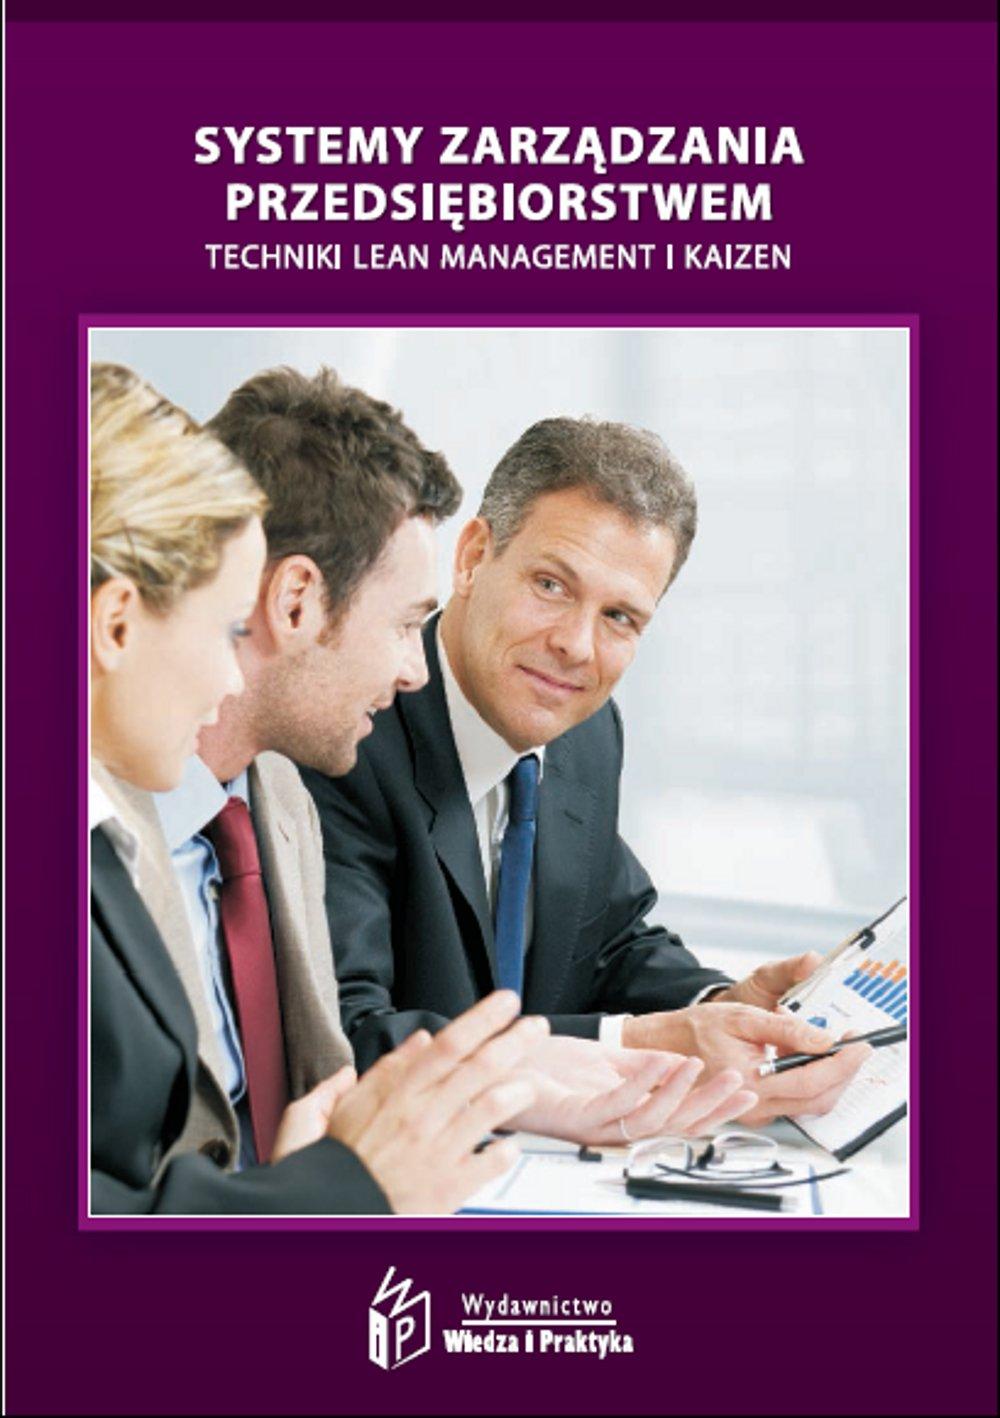 Systemy zarządzania przedsiębiorstwem – techniki Lean Management i Kaizen - Ebook (Książka EPUB) do pobrania w formacie EPUB